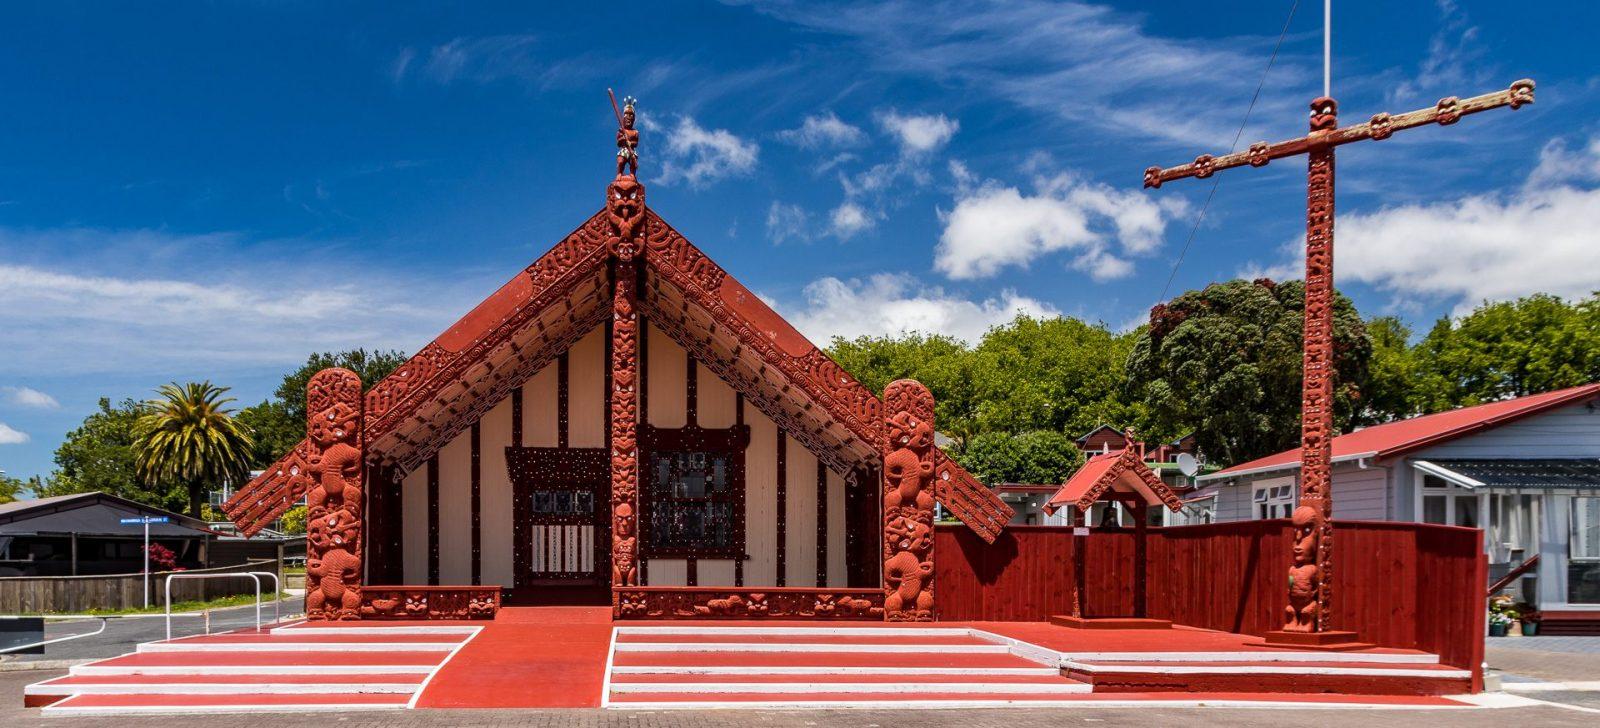 Každá pořádná maorská obec má svou společenskou síň, kde se komunita pravidelně setkává